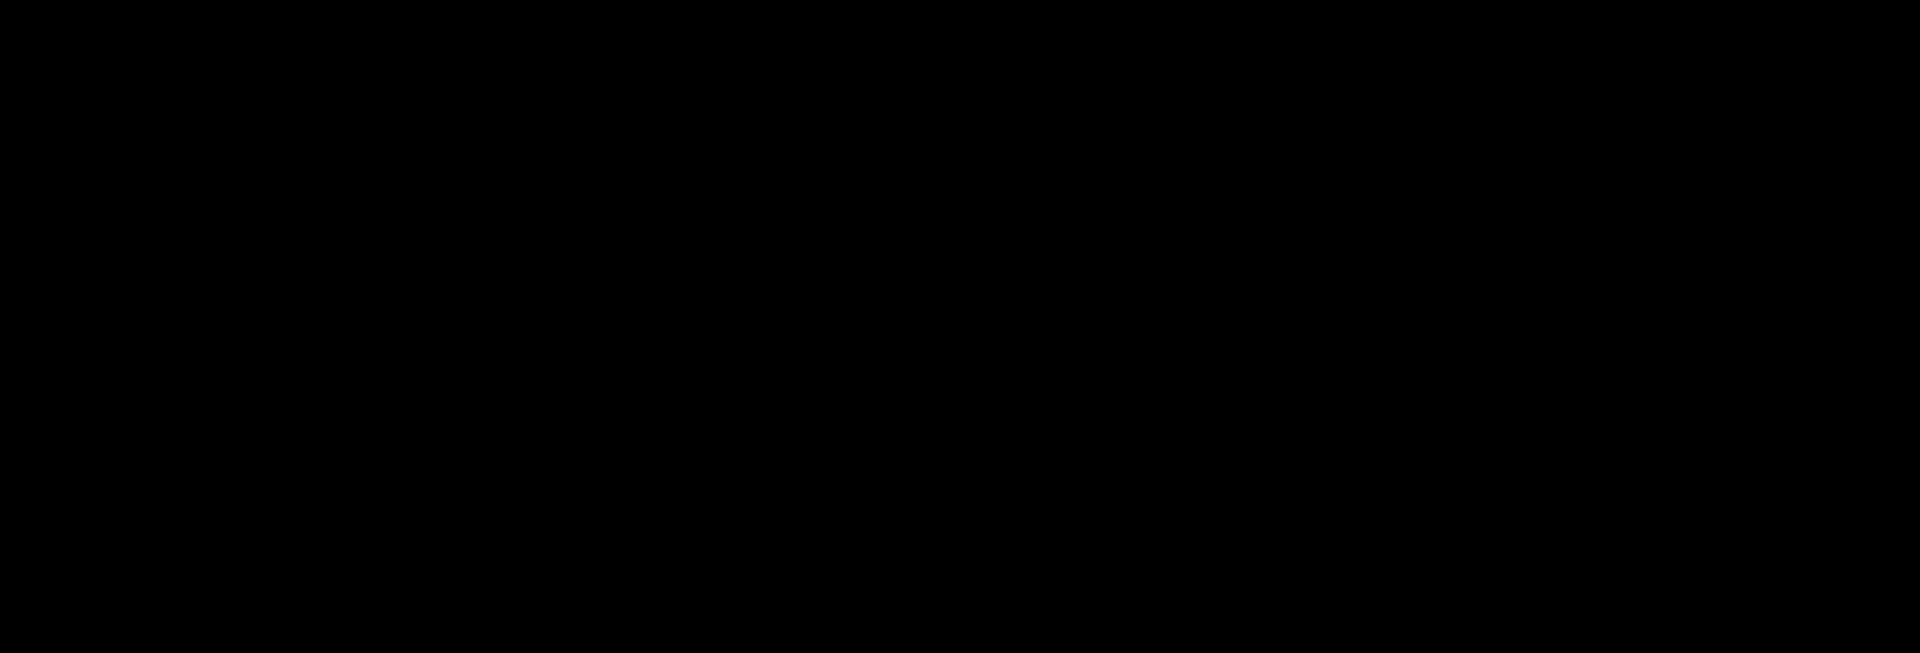 Создание простого Discord бота с помощью библиотеки discord.py — IT-МИР. ПОМОЩЬ В IT-МИРЕ 2021